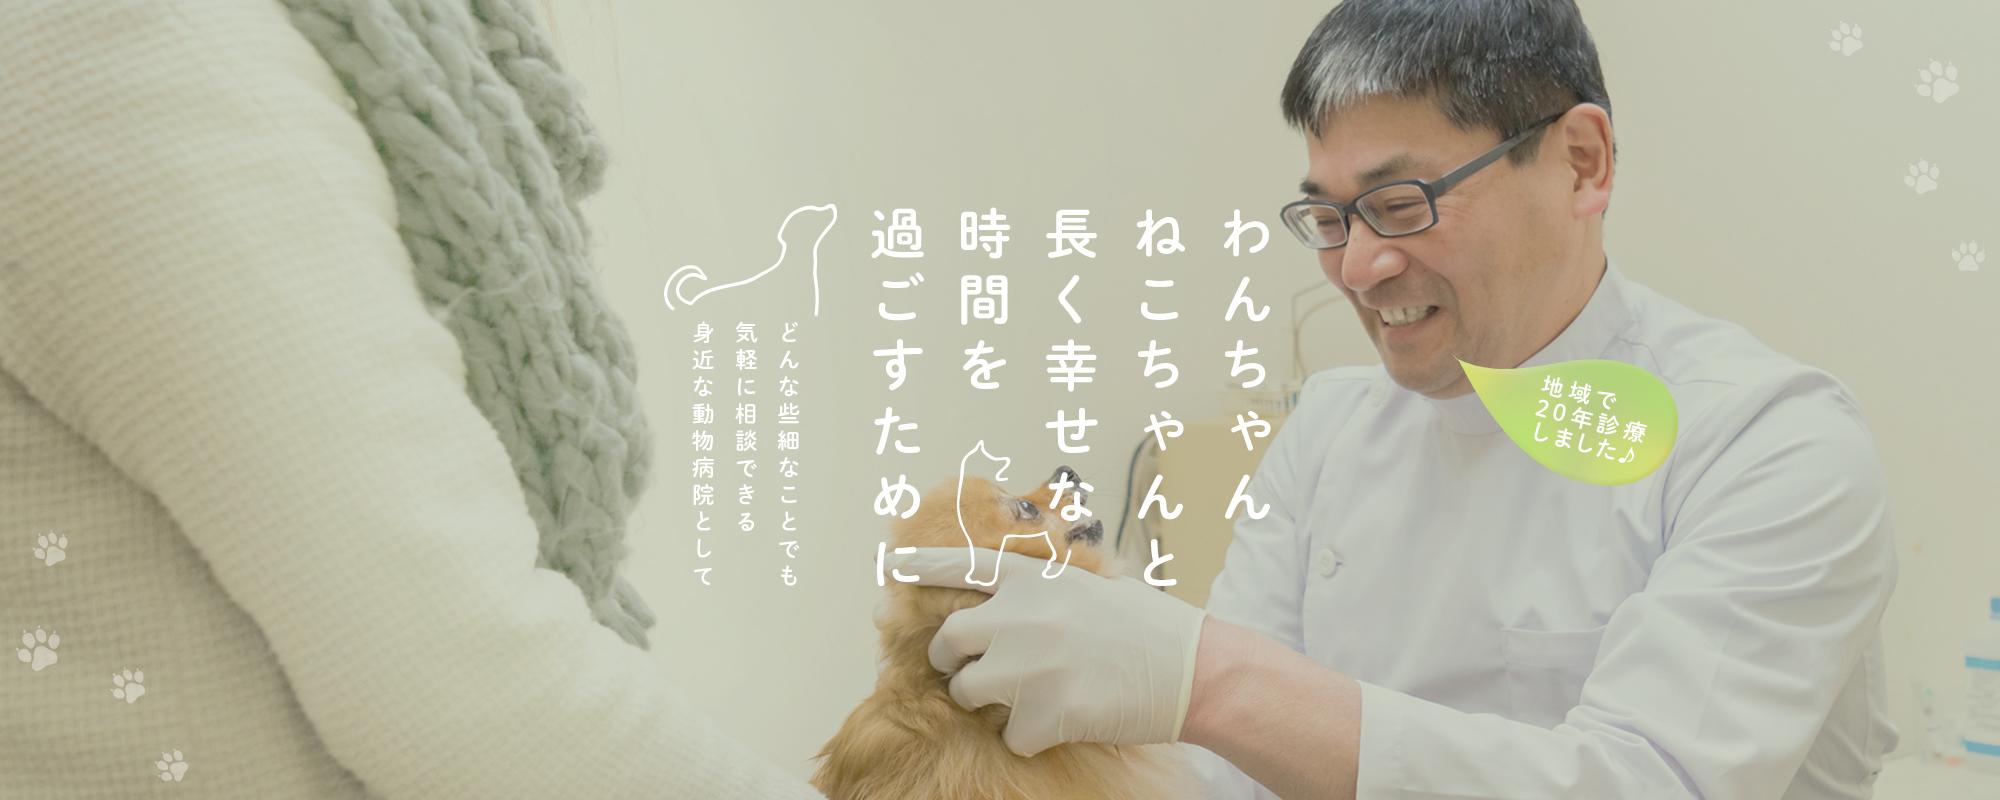 わんちゃん ねこちゃんと 長く幸せな時間を過ごすために どんな些細なことでも気軽に相談できる身近な動物病院として 地域で20年診療しました♪